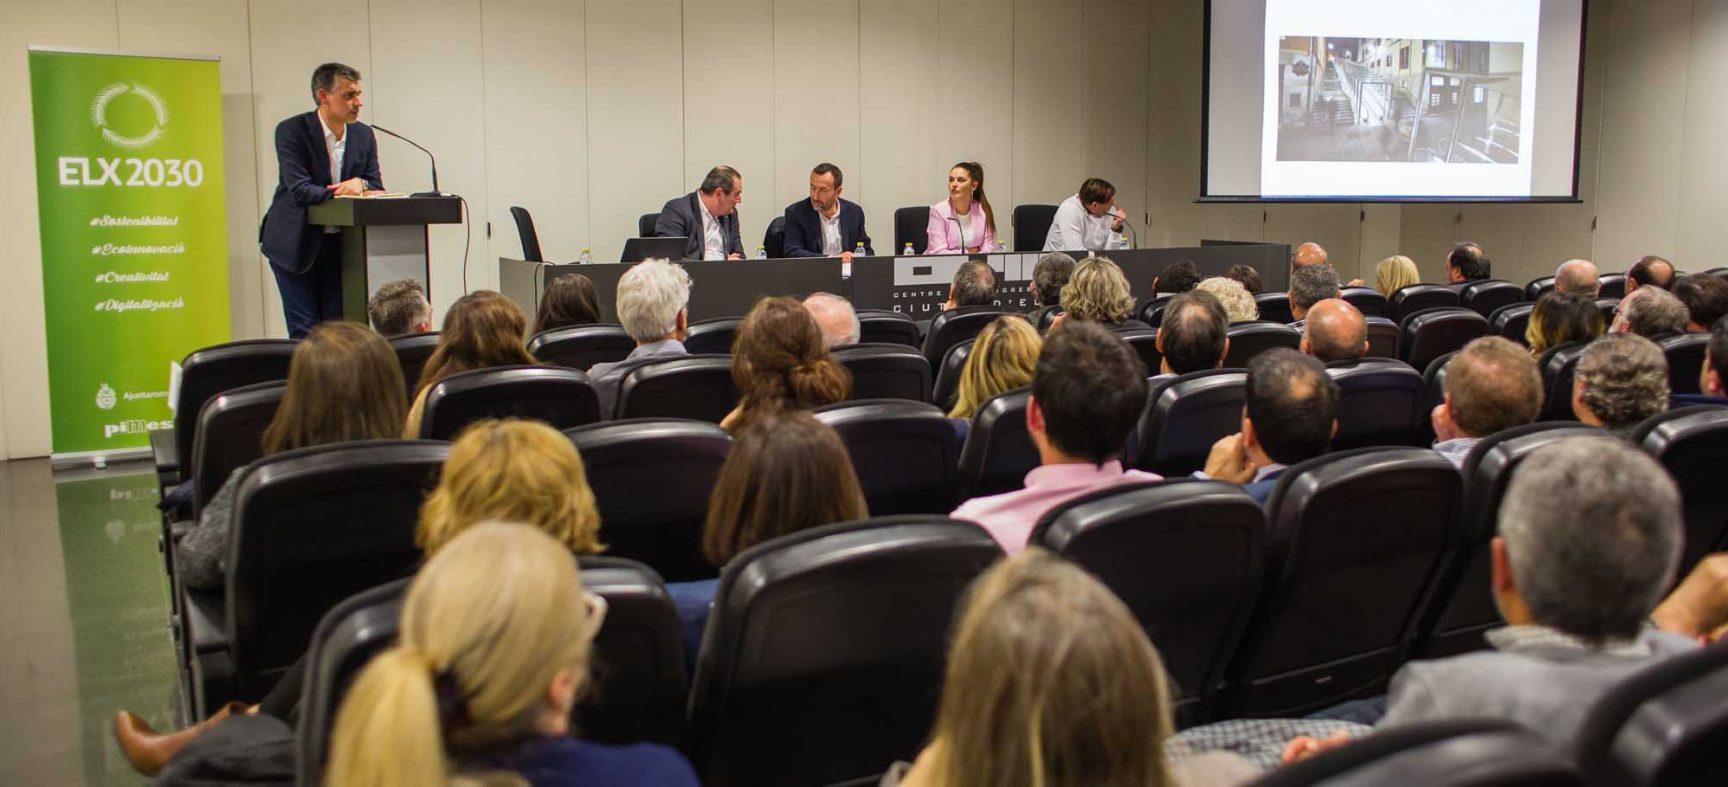 Iñaki Prusilla explica a Elx com Vitòria-Gasteiz es va convertir en Capital Verda Europea 2012